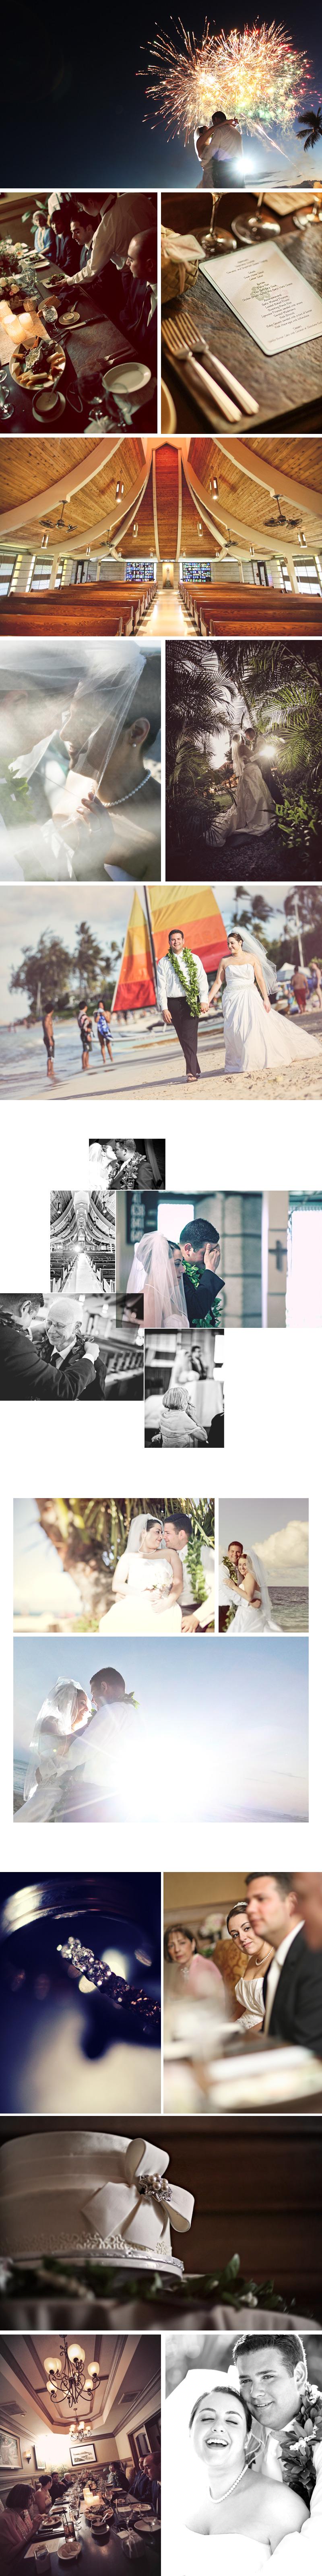 Shawn Starr : Modern Wedding Photography : Pittsburgh Wedding Photographer : Waikiki Wedding